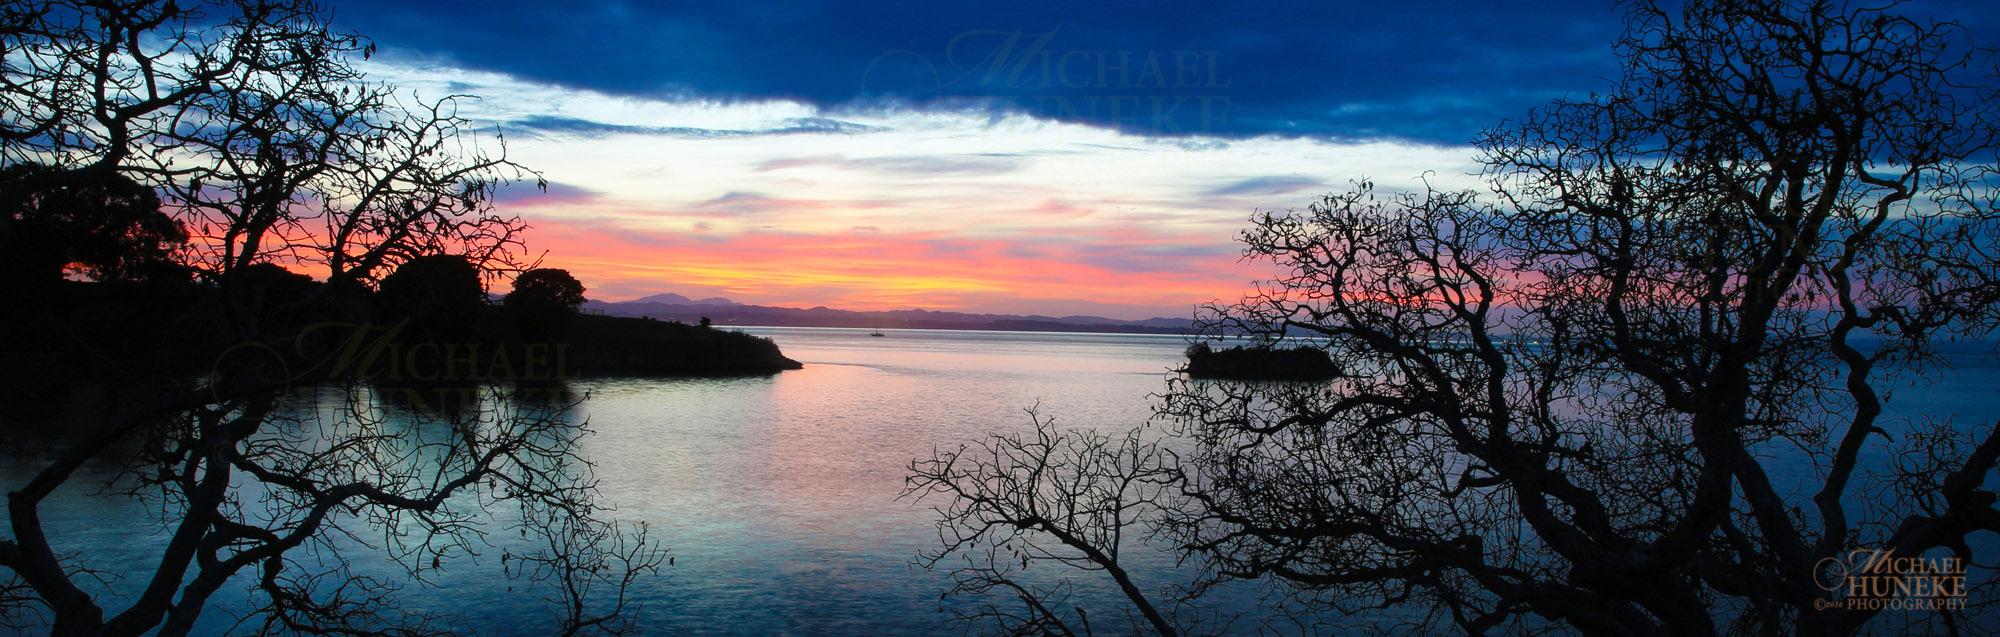 China_Beach_Sunrise_Trees-QN9A4729 2000 wide 72dpi high(9) wm.jpg